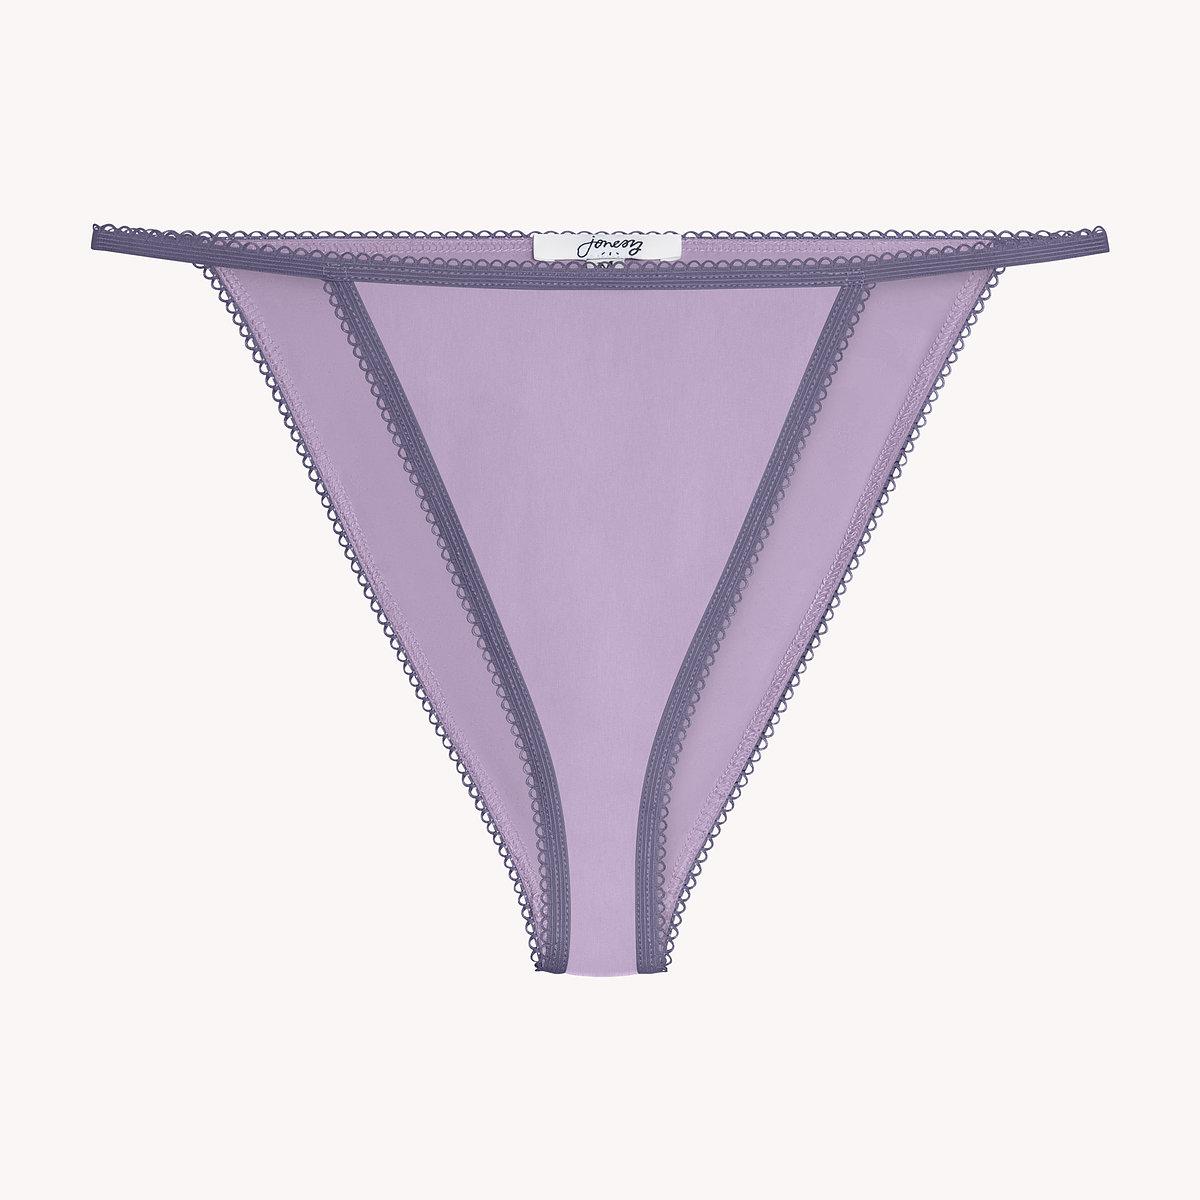 Bikini Cut Undies